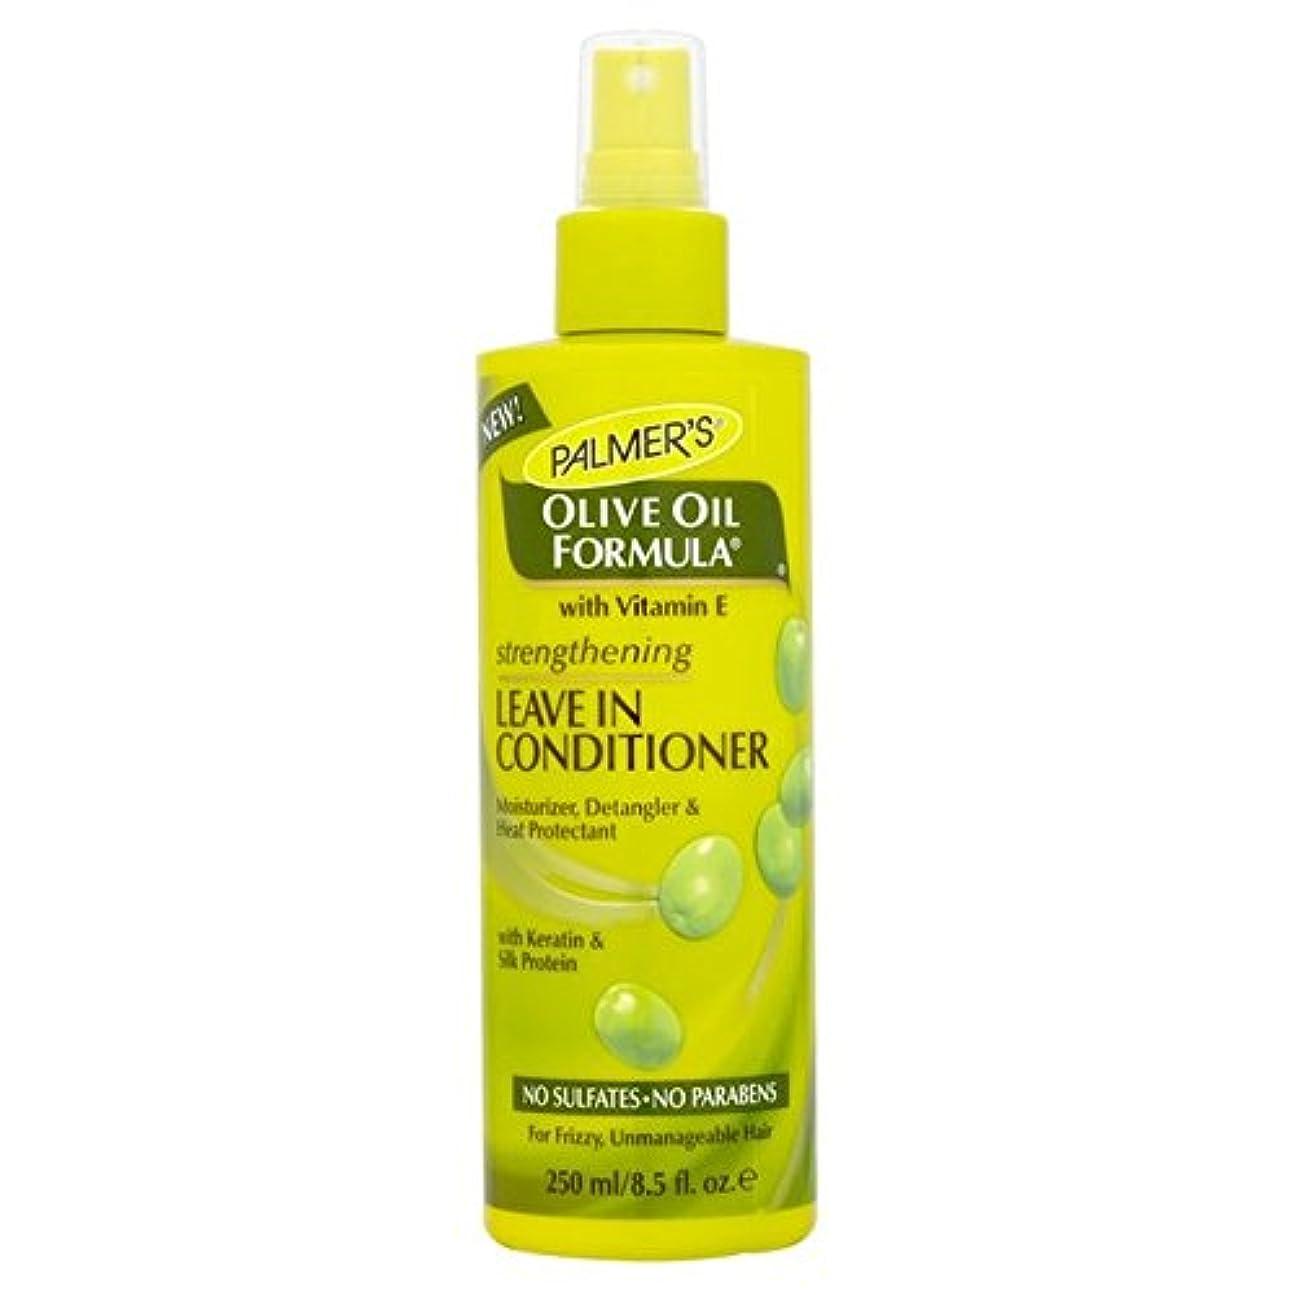 瞬時にセグメントランダムPalmer's Olive Oil Formula Strengthening Leave-in Conditioner 250ml - リーブインコンディショナー250を強化パーマーのオリーブオイル式 [並行輸入品]